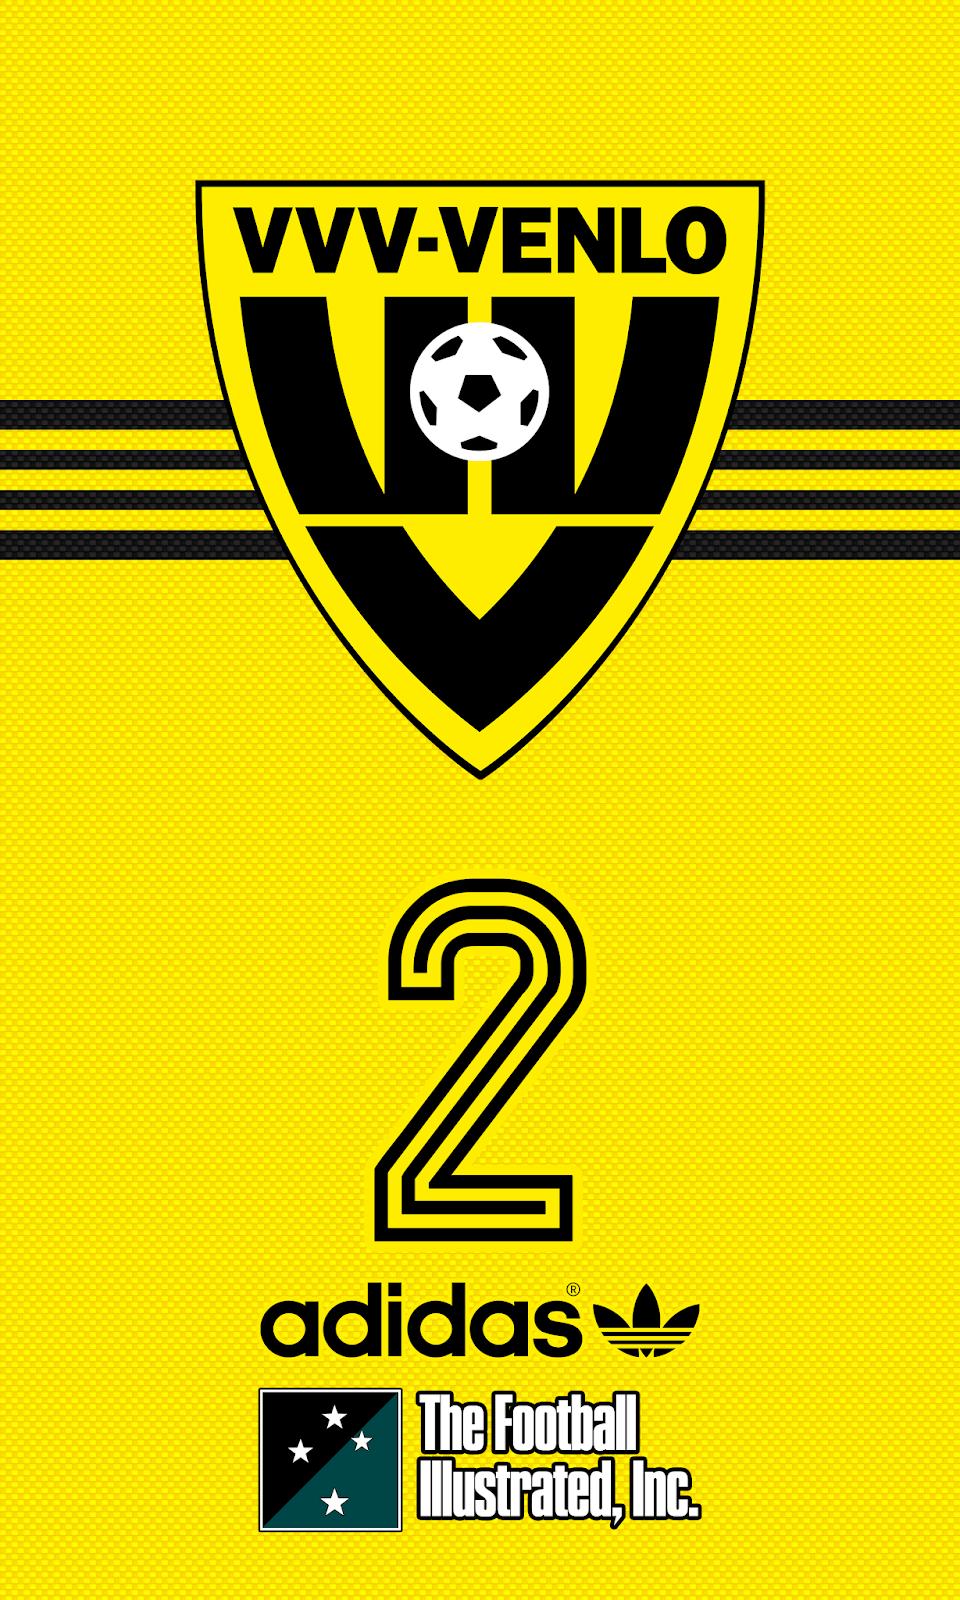 Wallpaper VVV Venlo Fútbol, Escudo, Fotos